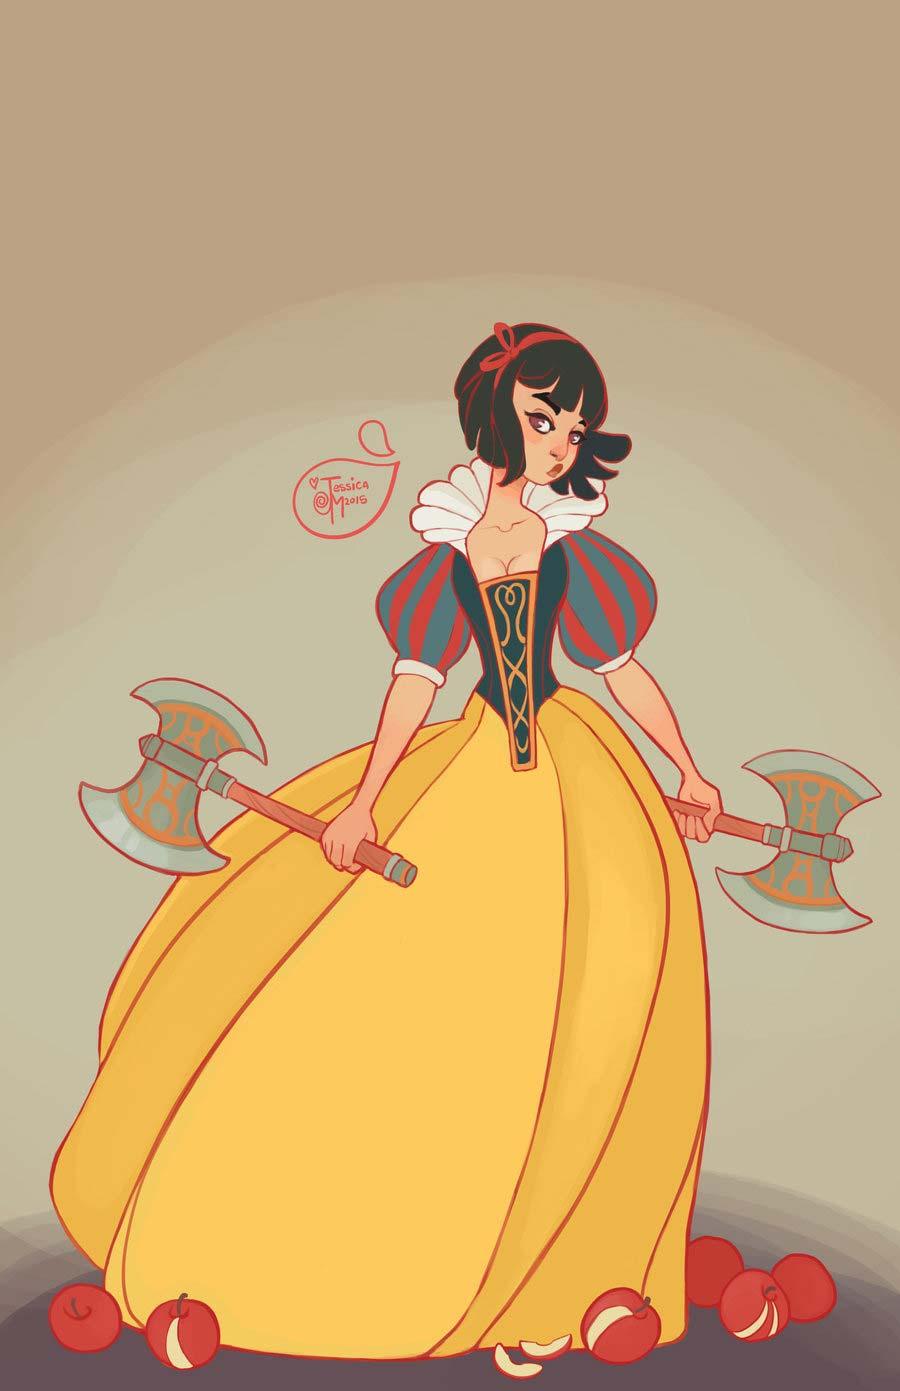 disney-ilustracao-princesasguerreiras-004